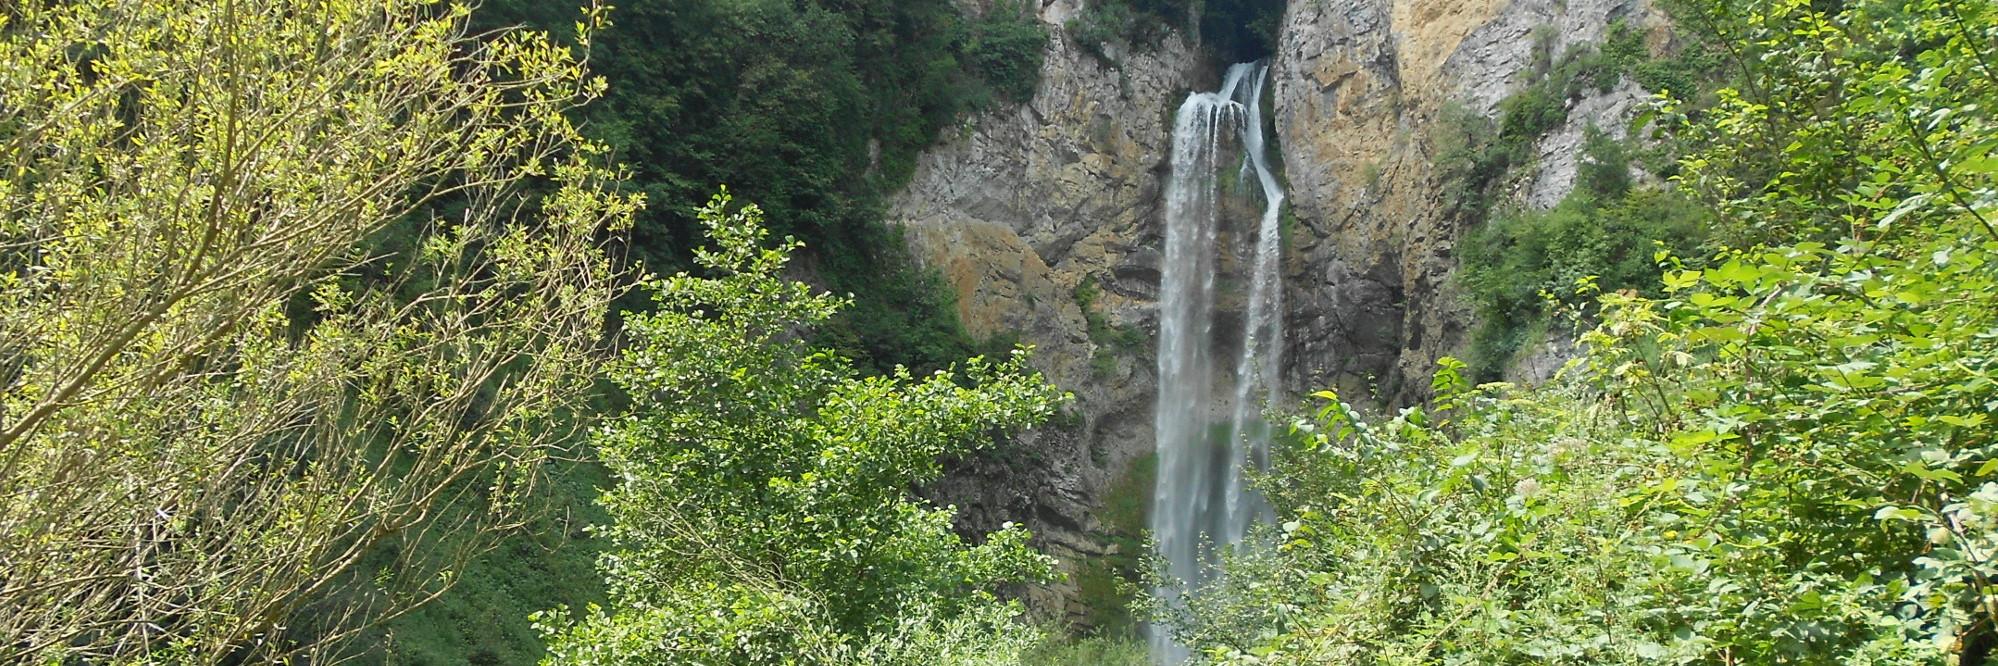 Водопад Блиха. Фото: Елена Арсениевич, CC BY-SA 3.0